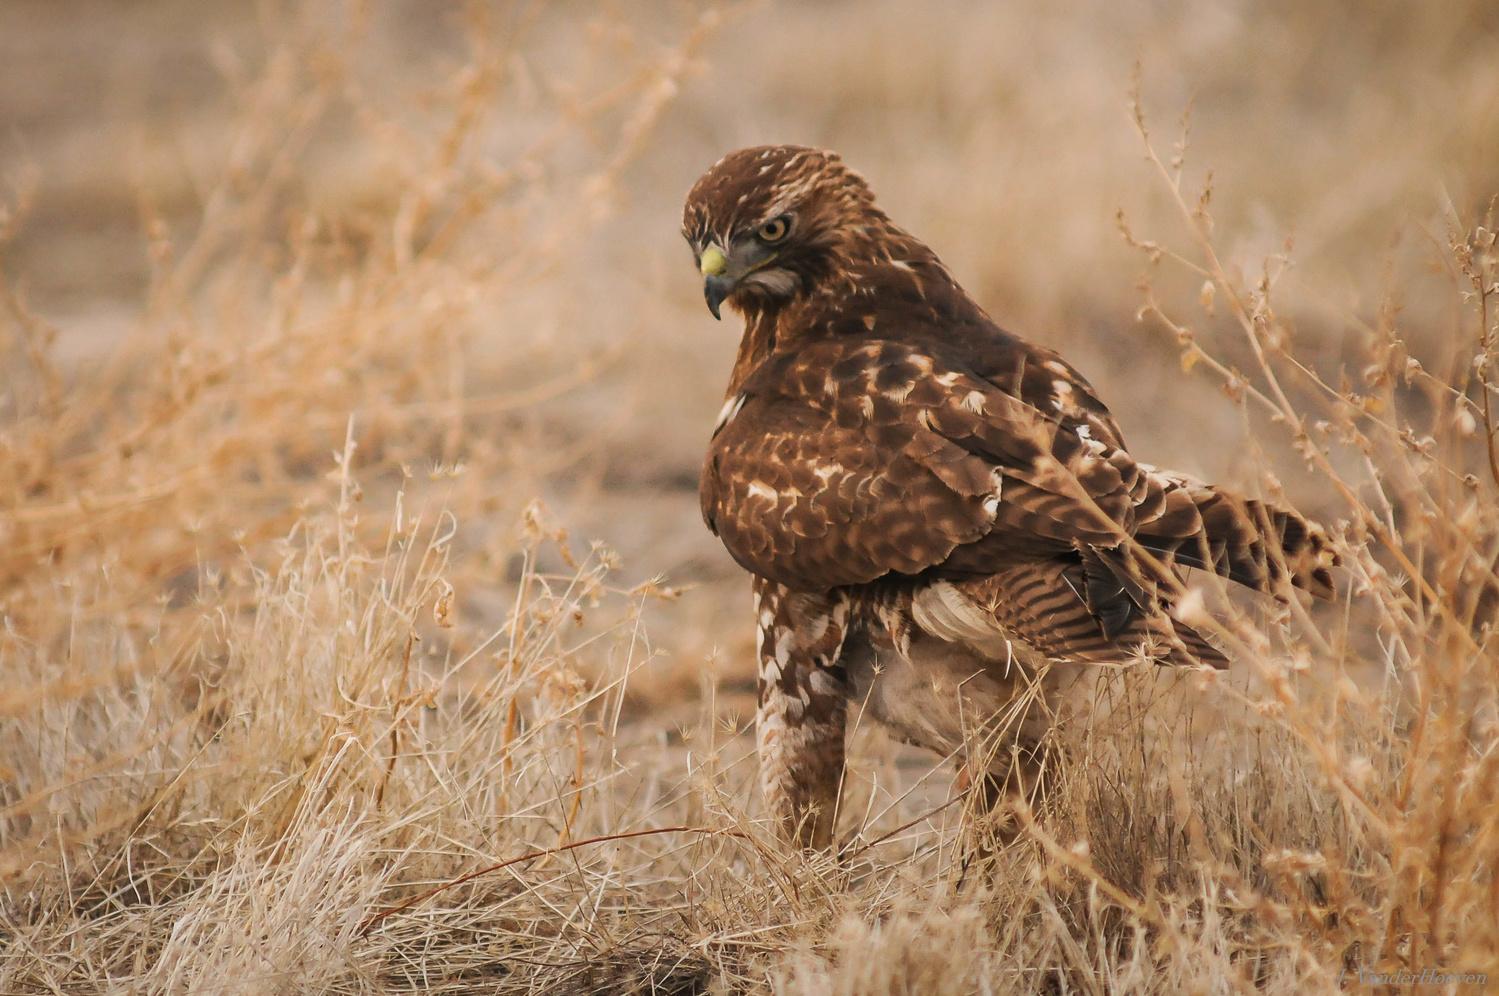 Hunting by Jake VanderHoeven